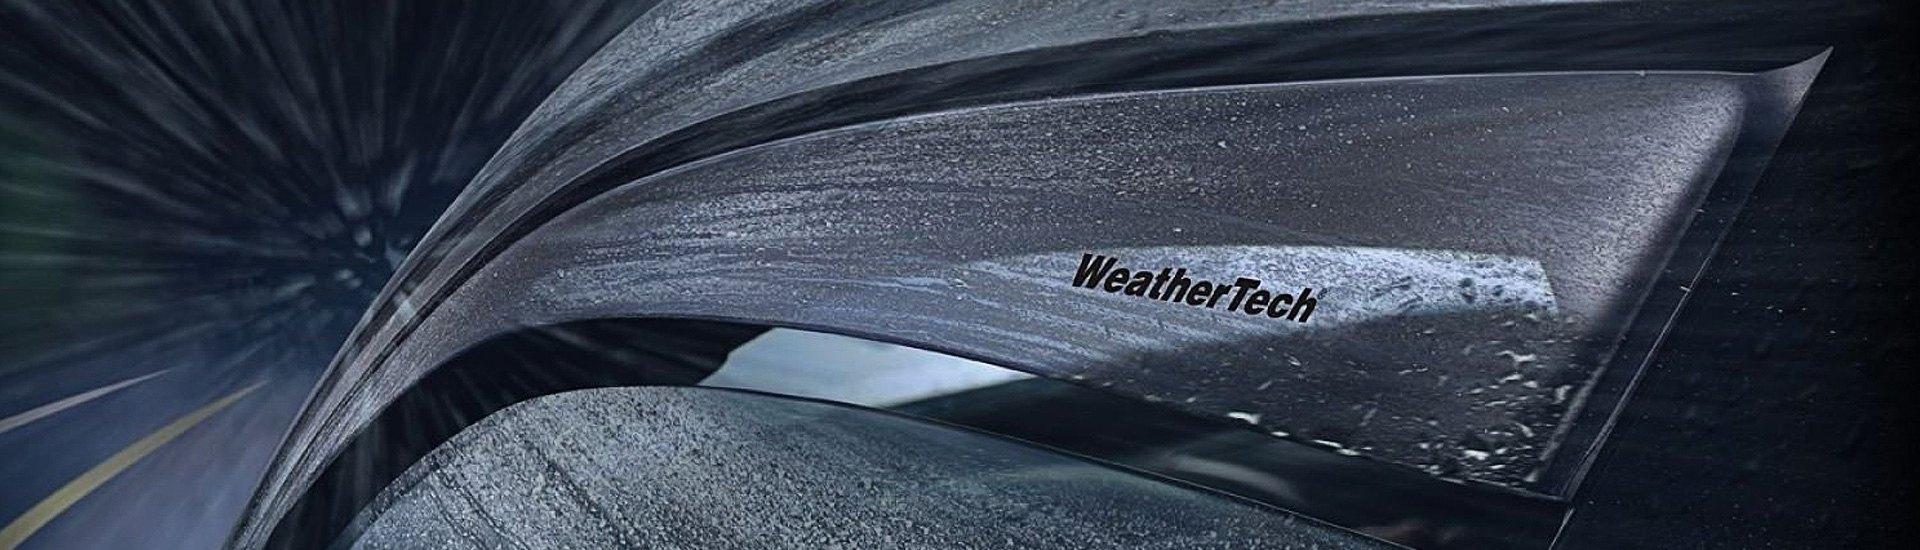 Vè che mưa ngăn nước vào xe và làm đổi hướng gió